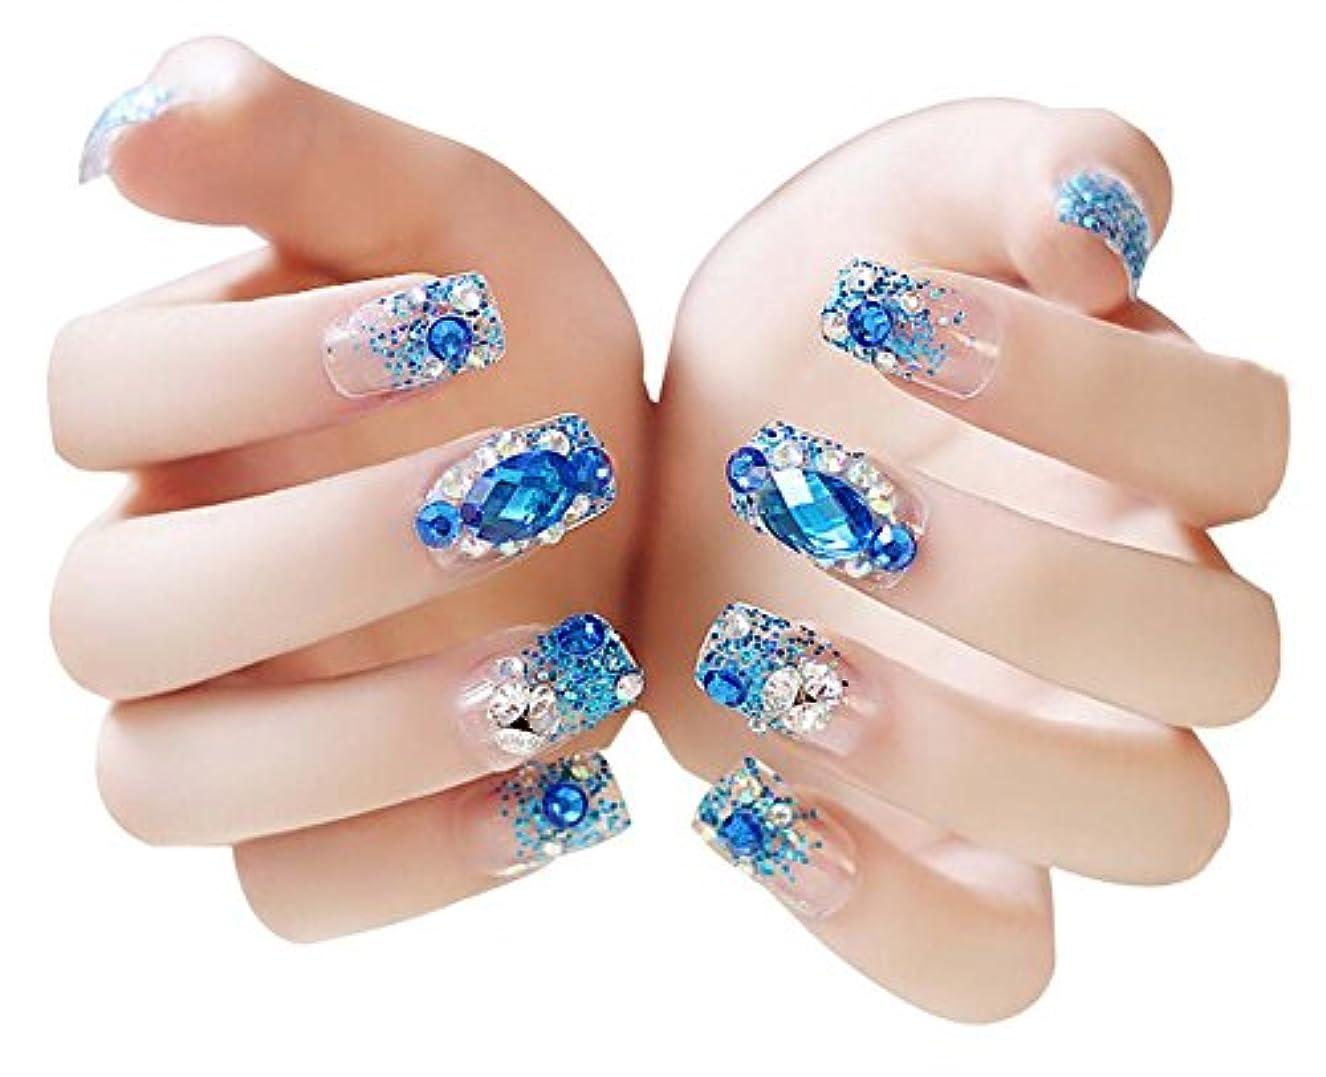 バリアメドレー学ぶ美しいブルーのラインストーンの結婚式の偽の爪クリスタル偽のネイルアートセット、2パック - 48枚